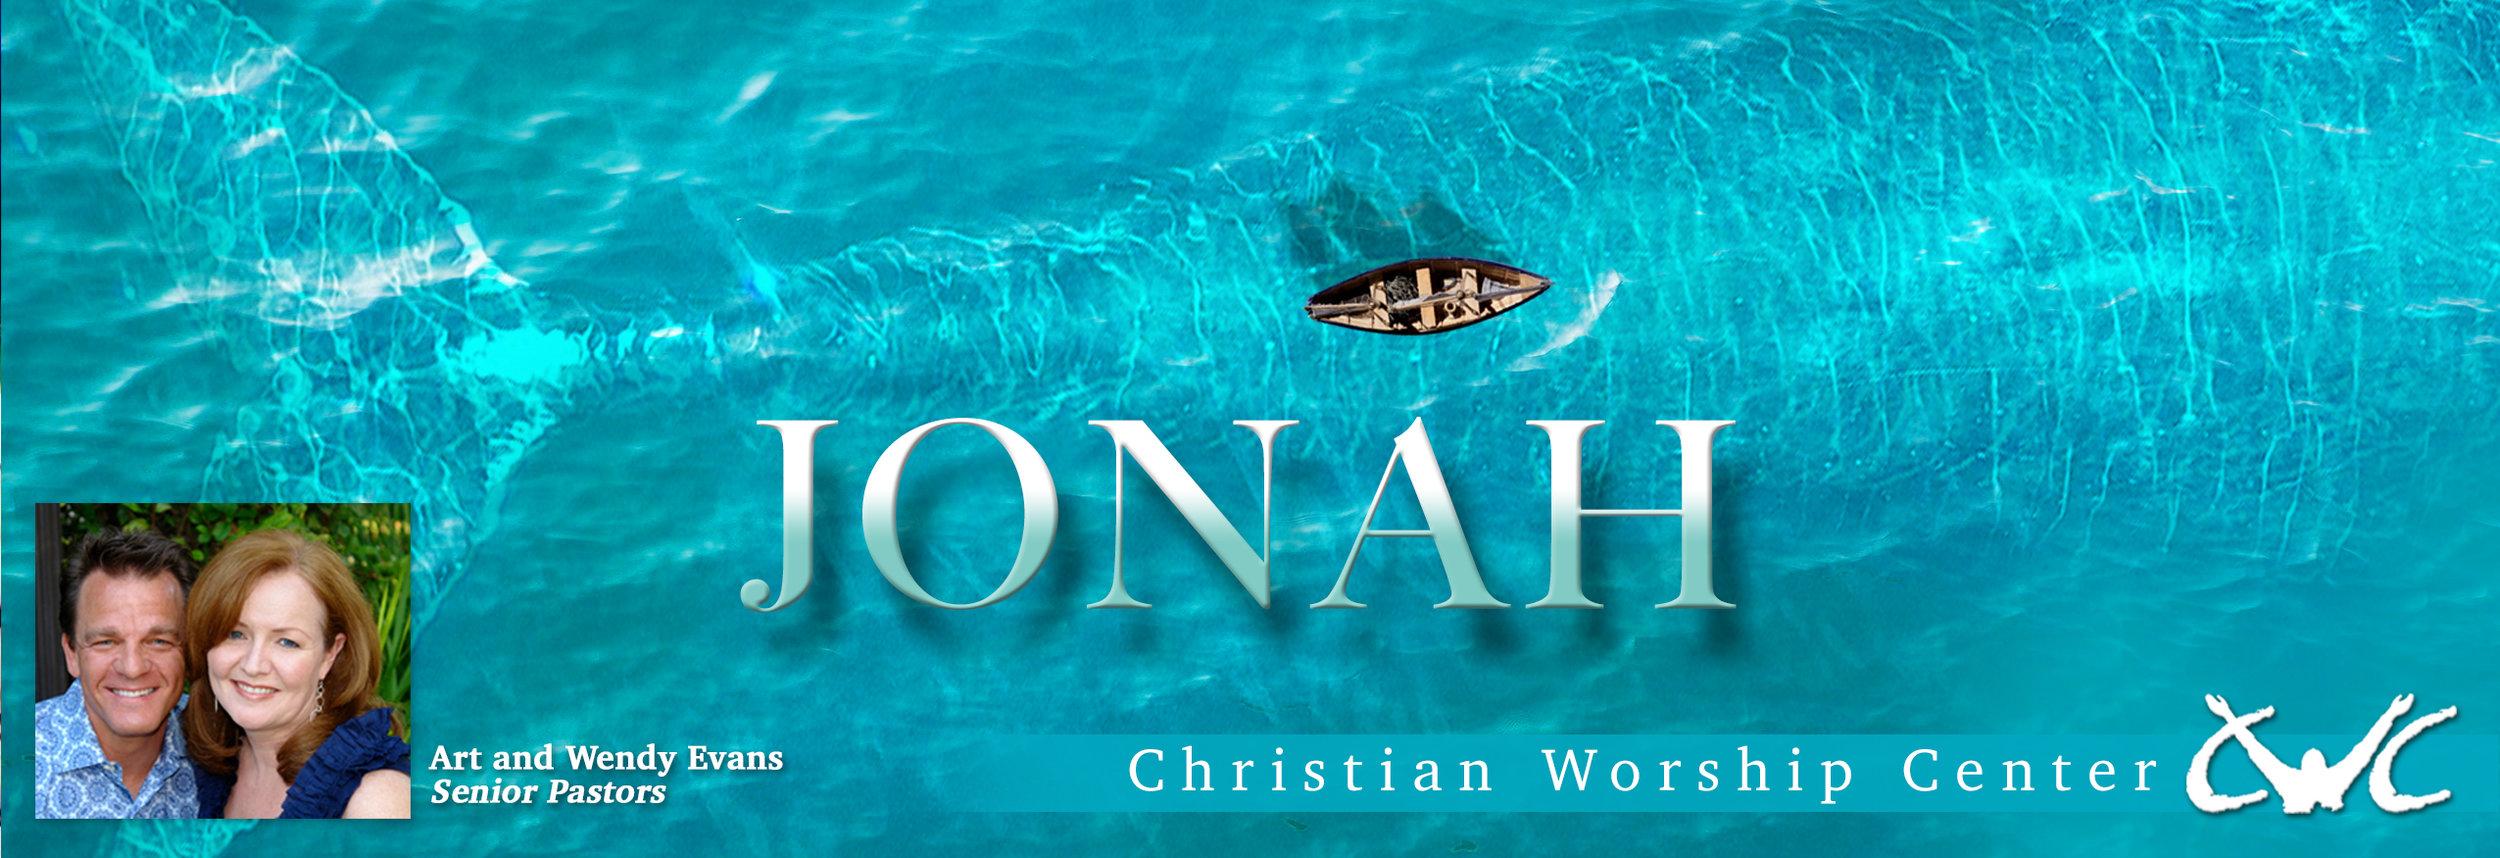 Jonah BookMark banner.jpg